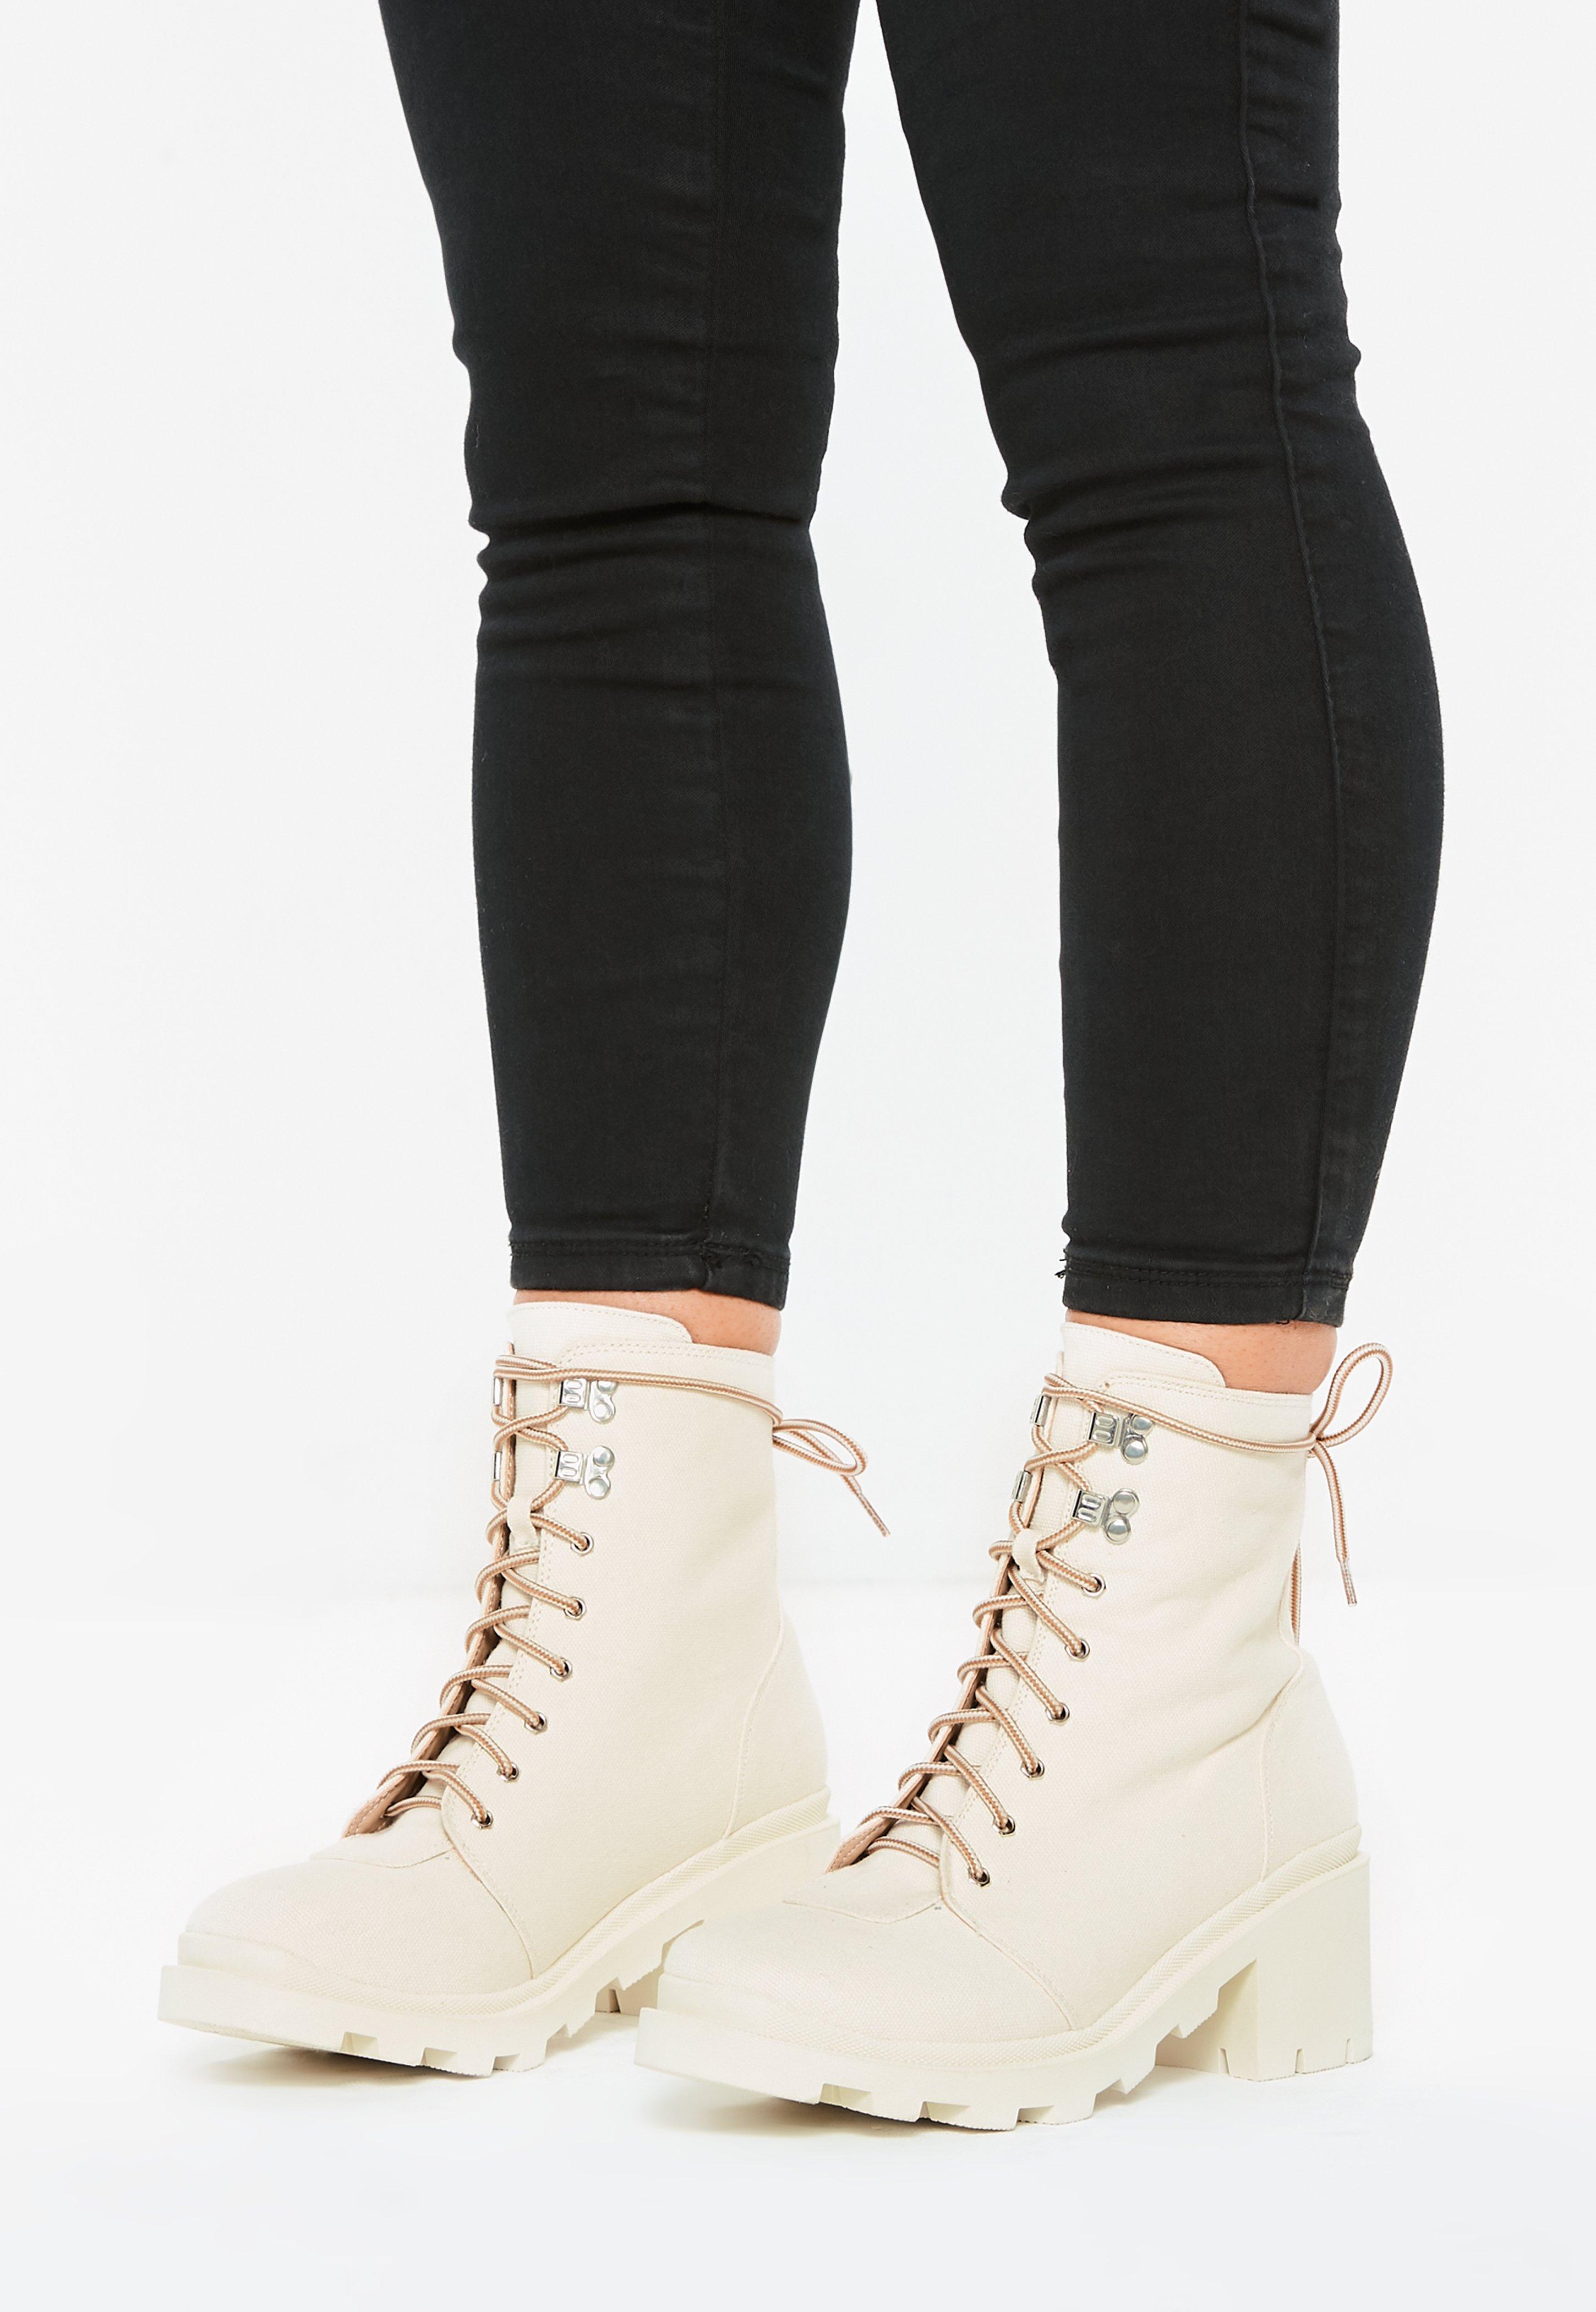 ae0de0c8732c7 En Chaussure Femme Missguided Ligne Chaussures Achat vx84qPTw